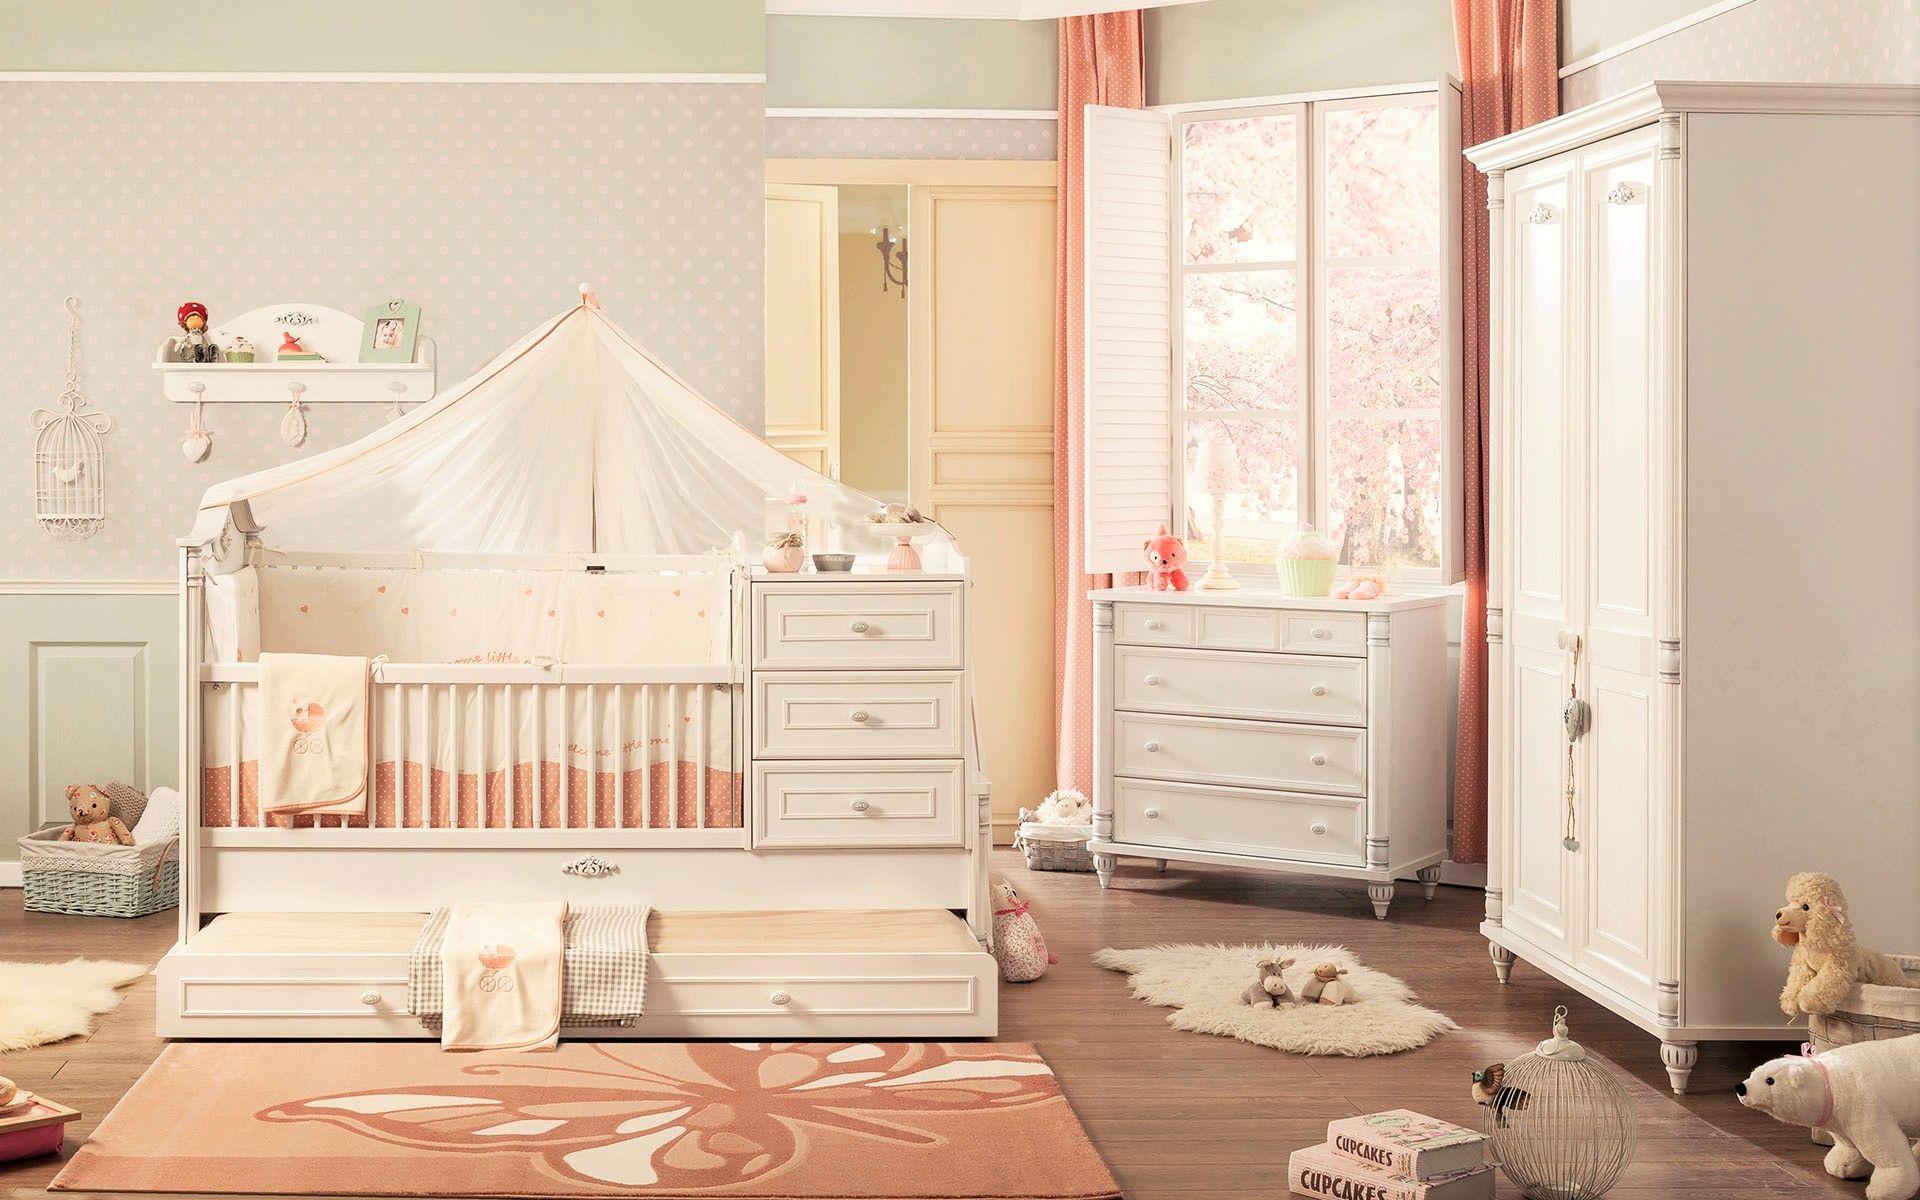 Babybed Met Kast.Romantic Babybed Peuterbed Kast Babykamers Peuterkamers